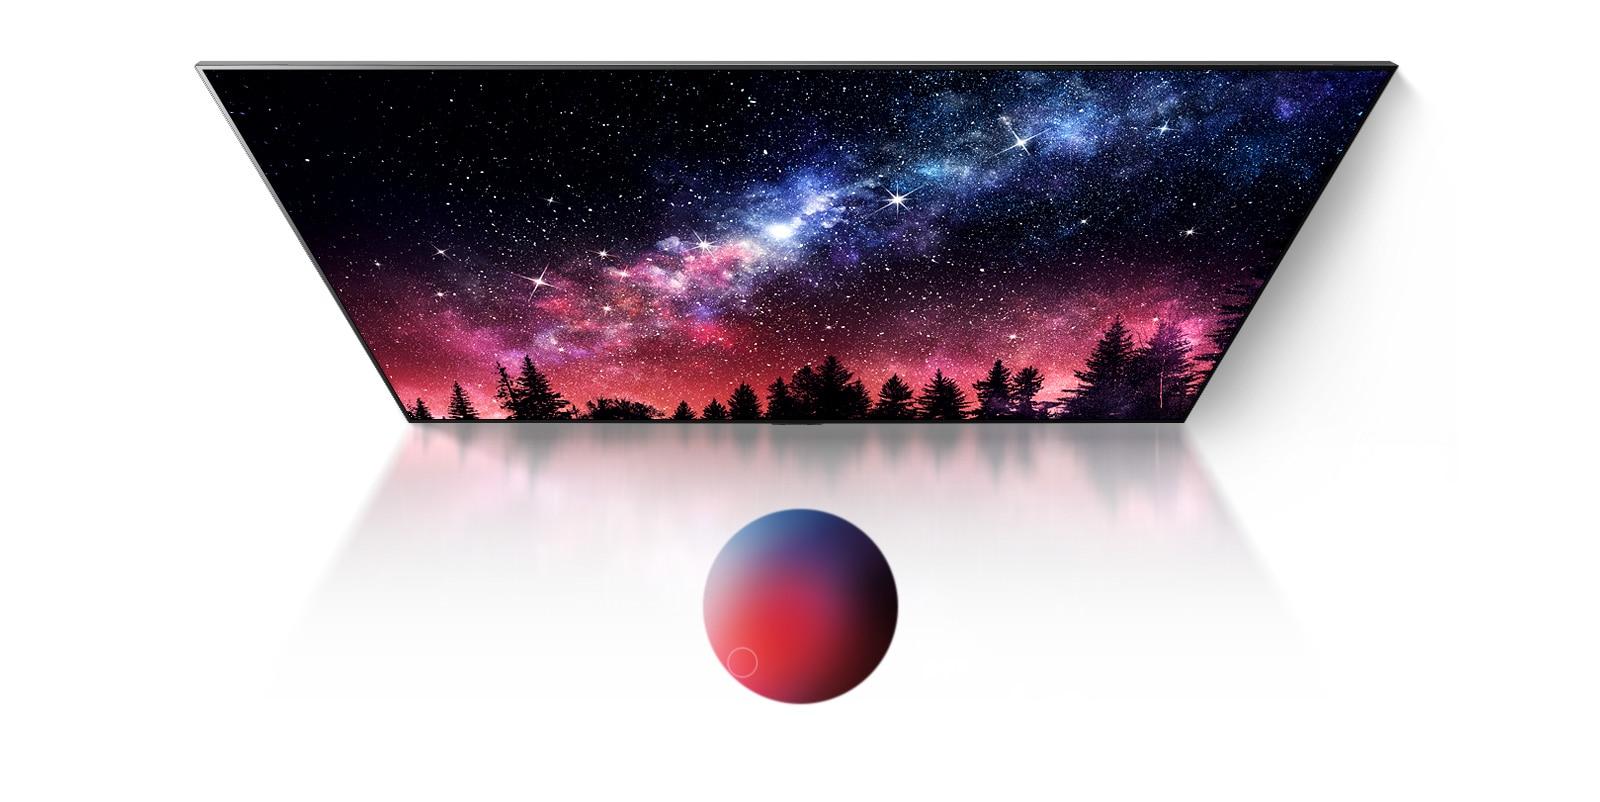 شاشة تلفزيون تظهر درب التبانة والسماء الزرقاء وانفجار الغبار الملون بجودة رائعة (تشغيل الفيديو)